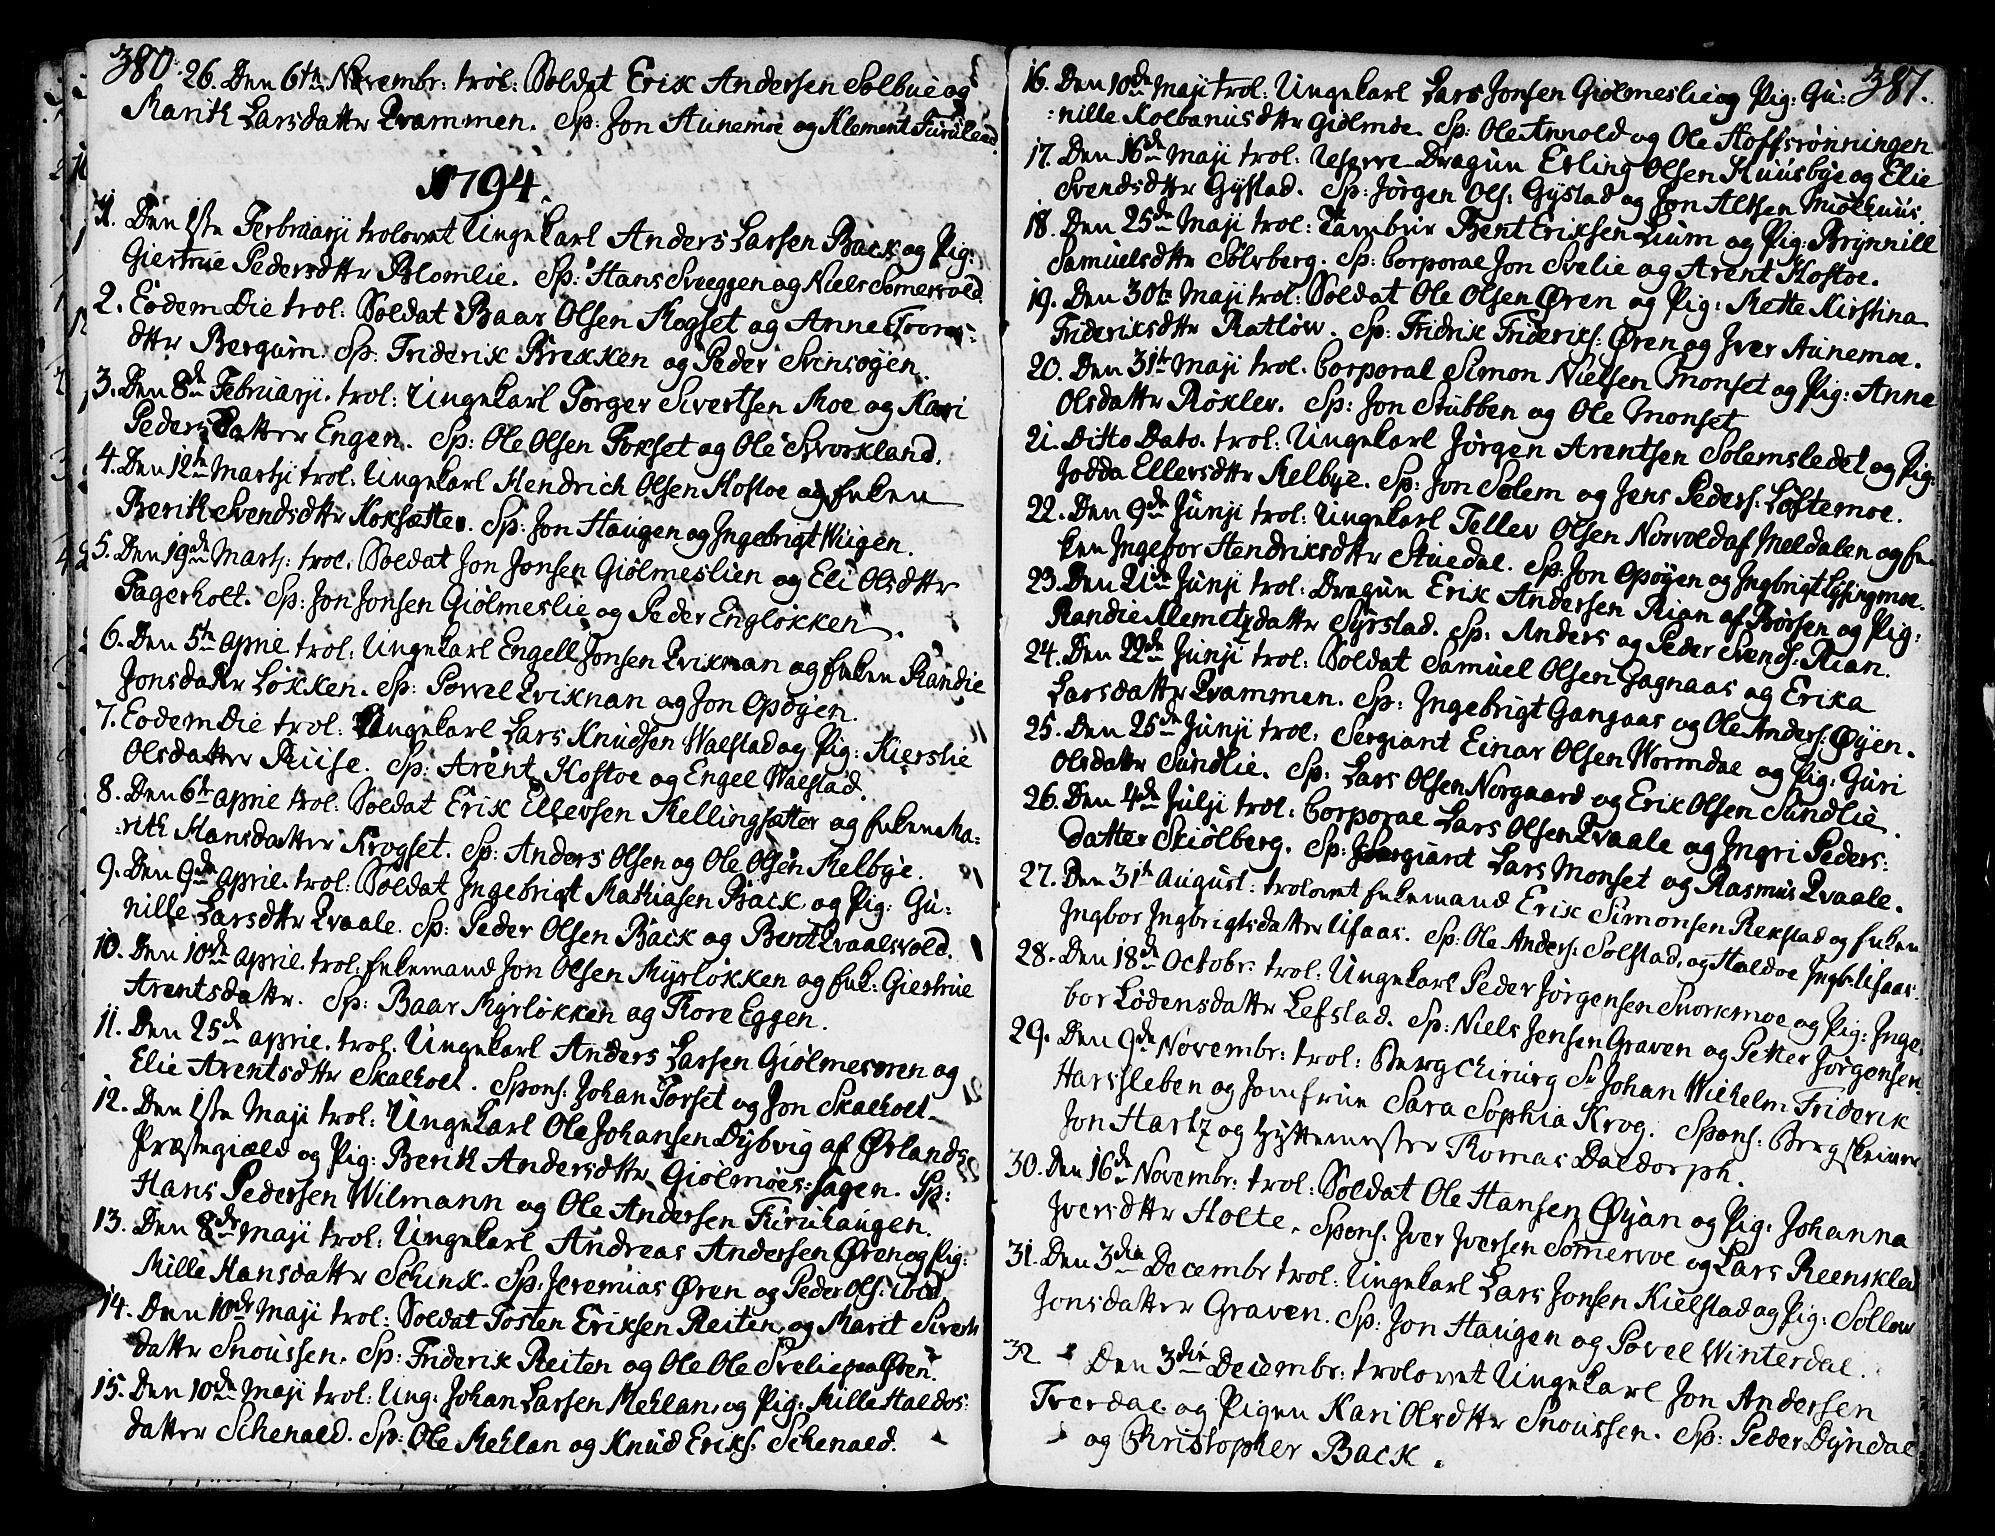 SAT, Ministerialprotokoller, klokkerbøker og fødselsregistre - Sør-Trøndelag, 668/L0802: Ministerialbok nr. 668A02, 1776-1799, s. 380-381